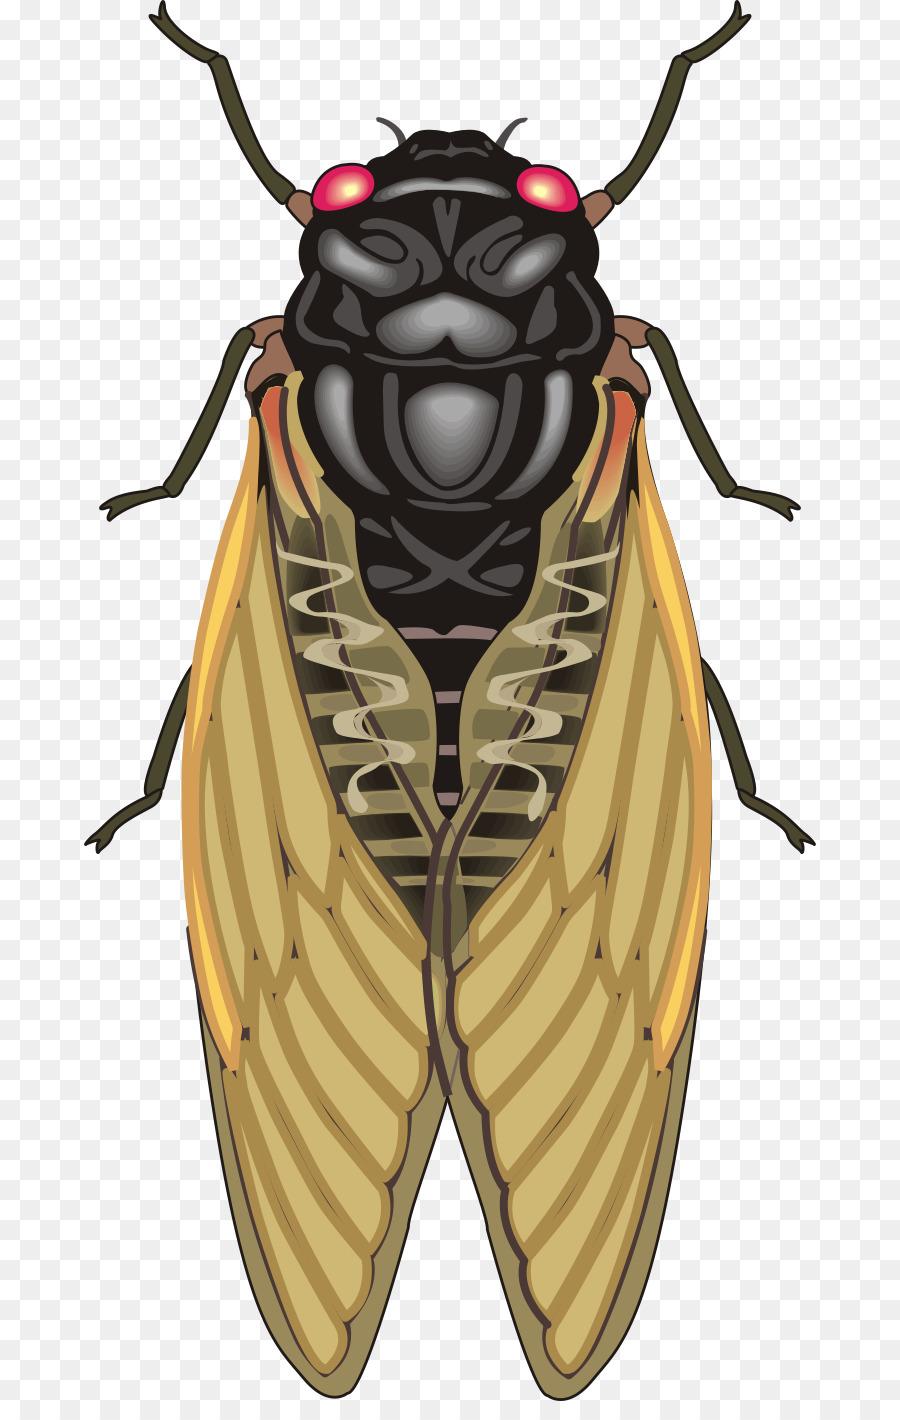 الحشرات, الزيز, الرسم صورة بابوا نيو غينيا